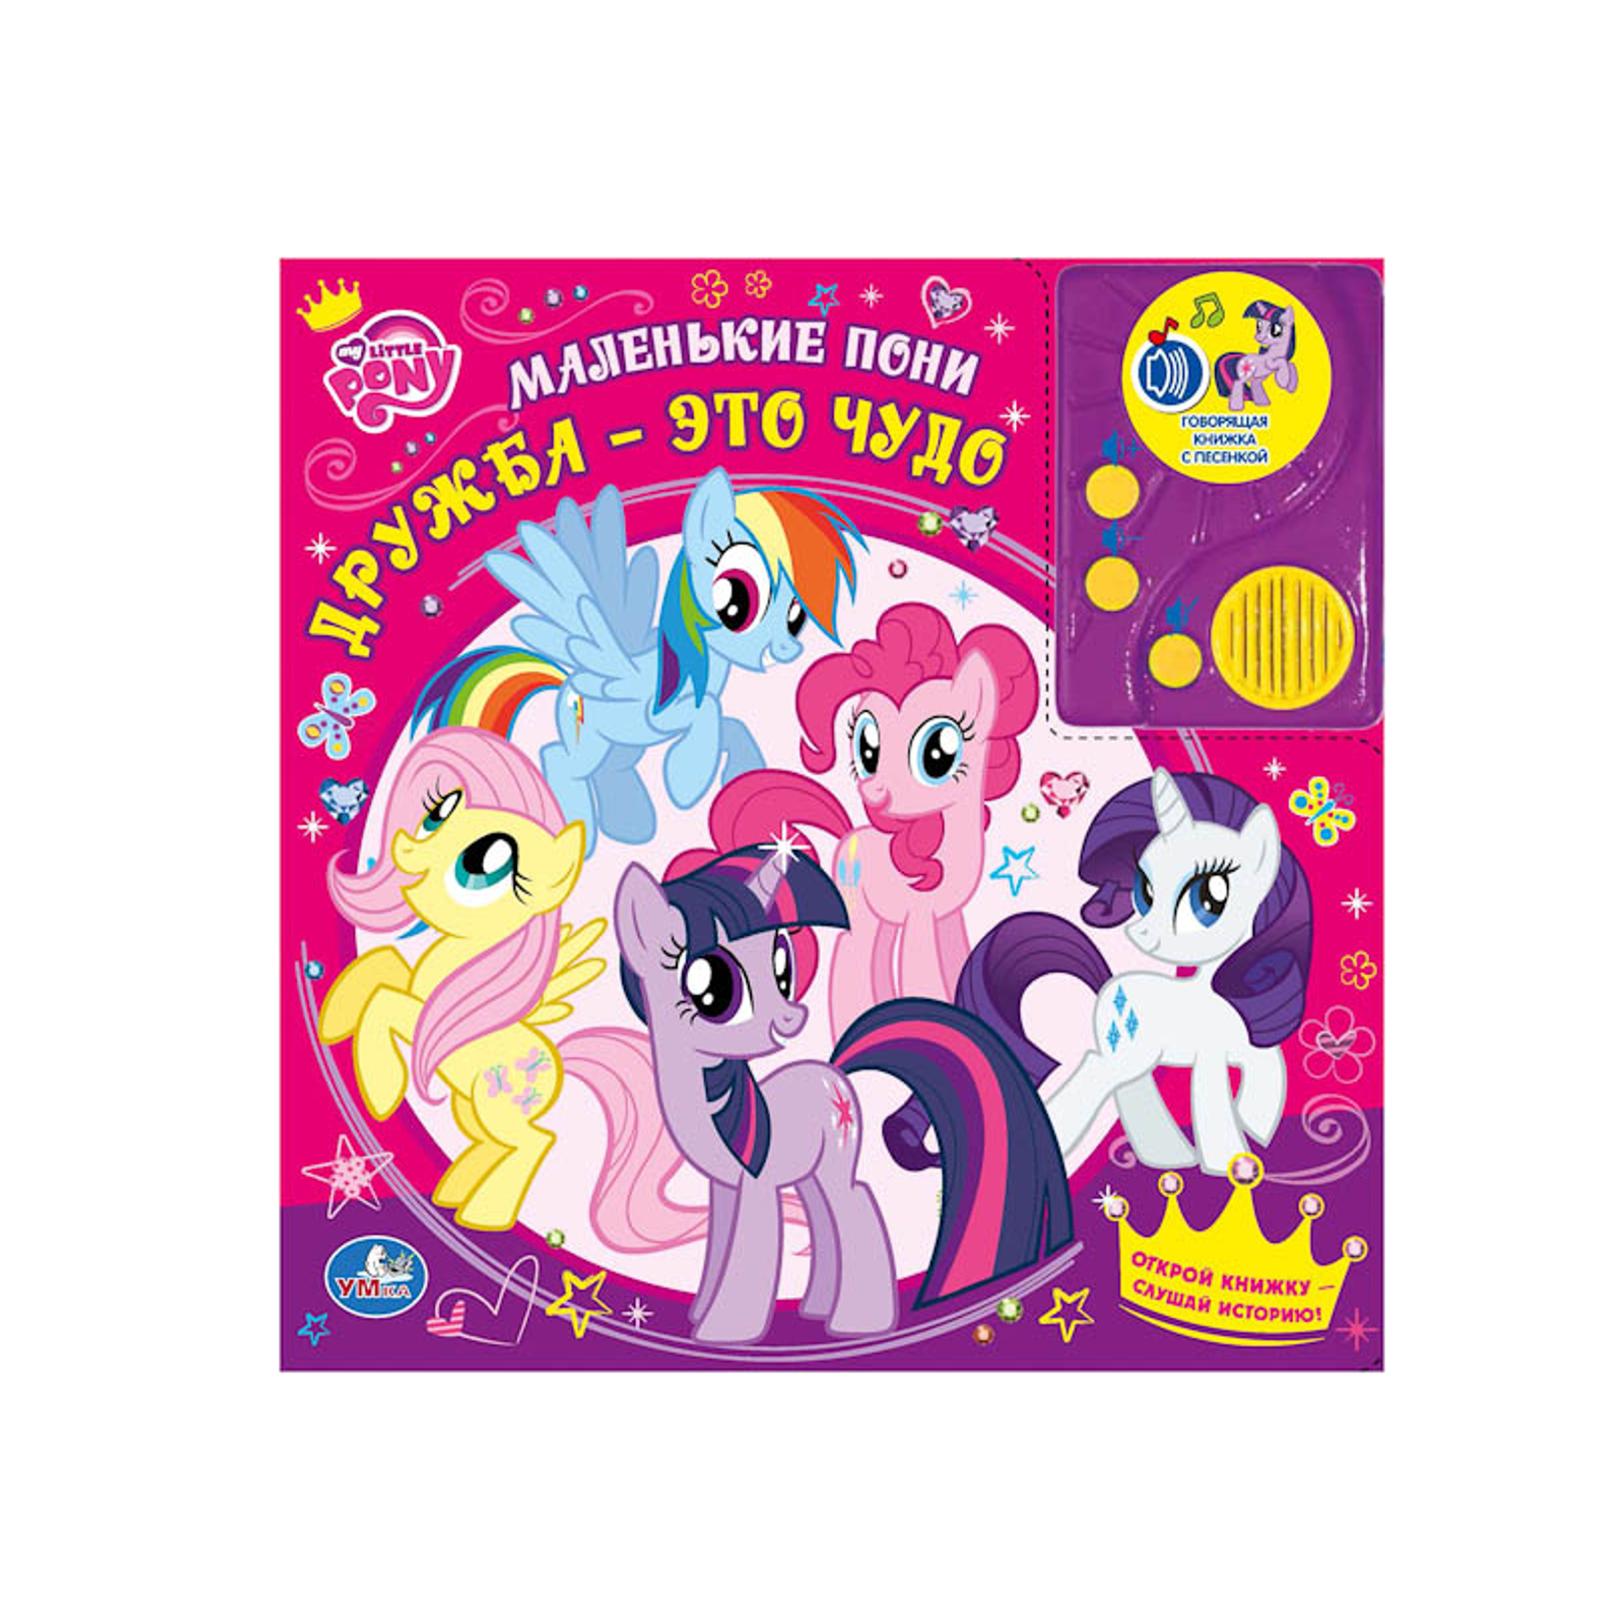 ����� �� ������������ My Little Pony ������ - ��� ����!